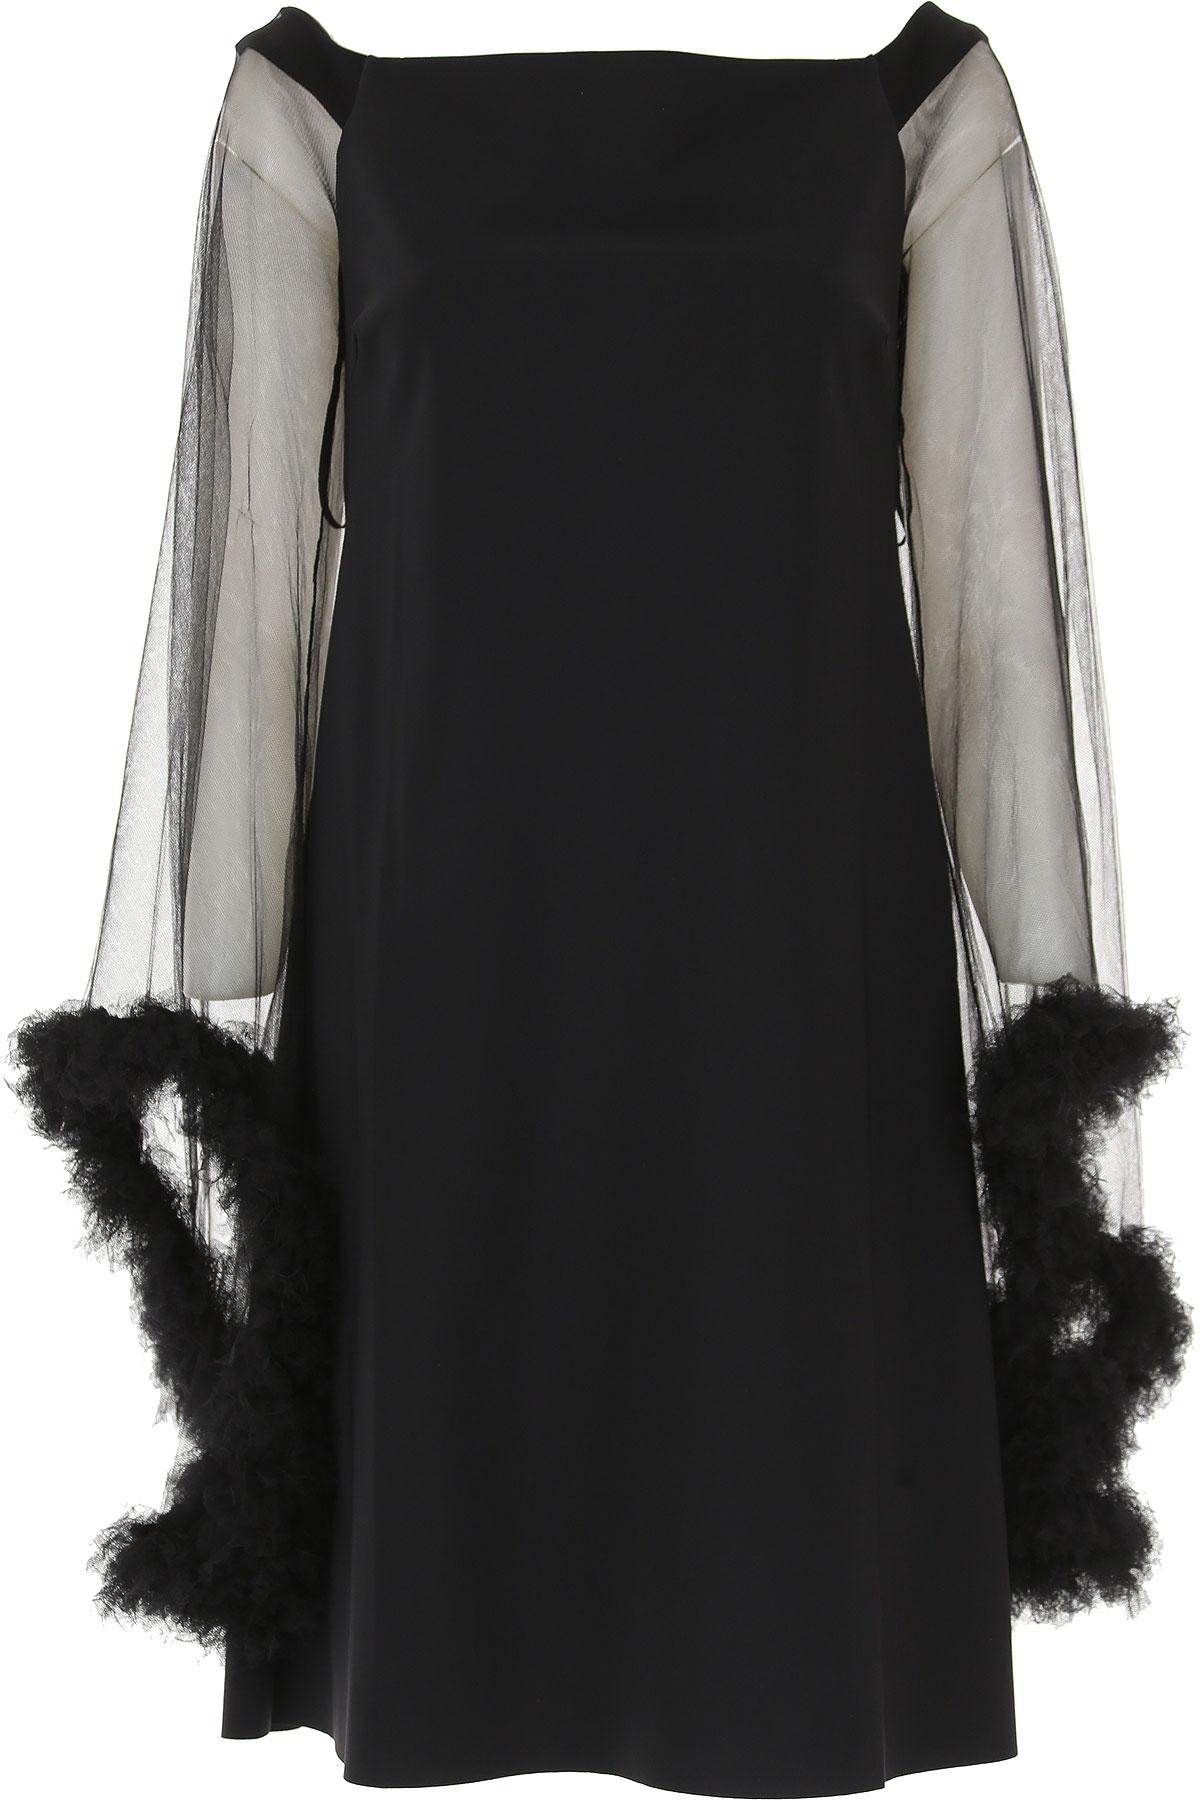 La Petite Robe Di Chiara Boni Robe Femme Pas cher en Soldes, Noir, Polyamide, 2017, 42 44